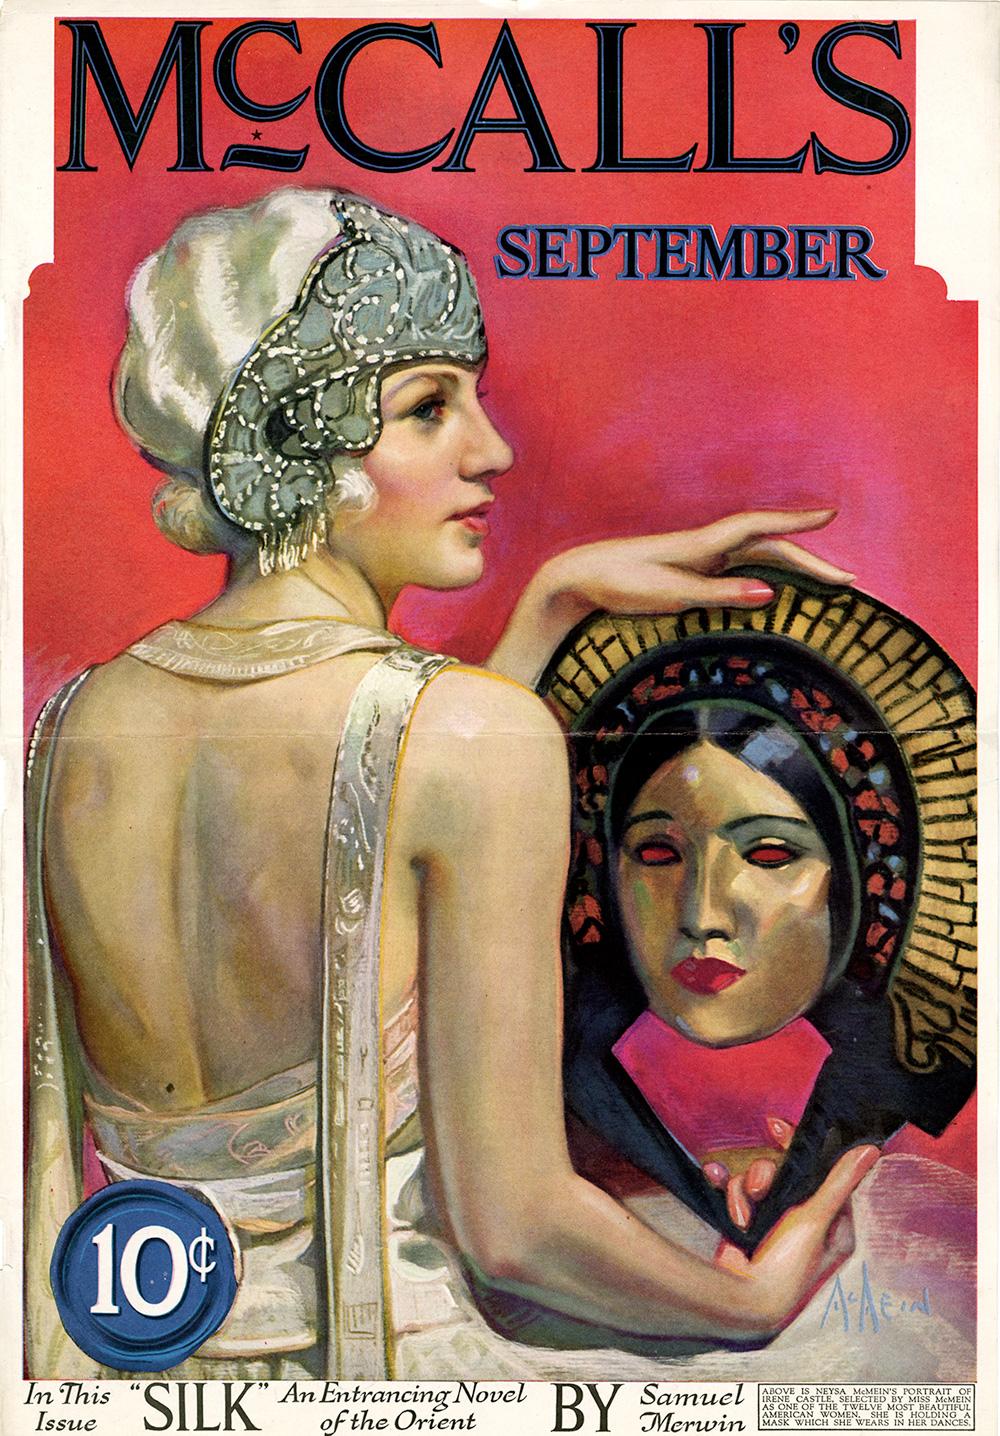 Neysa McMein, Cover illustration for McCalls. September 1923.